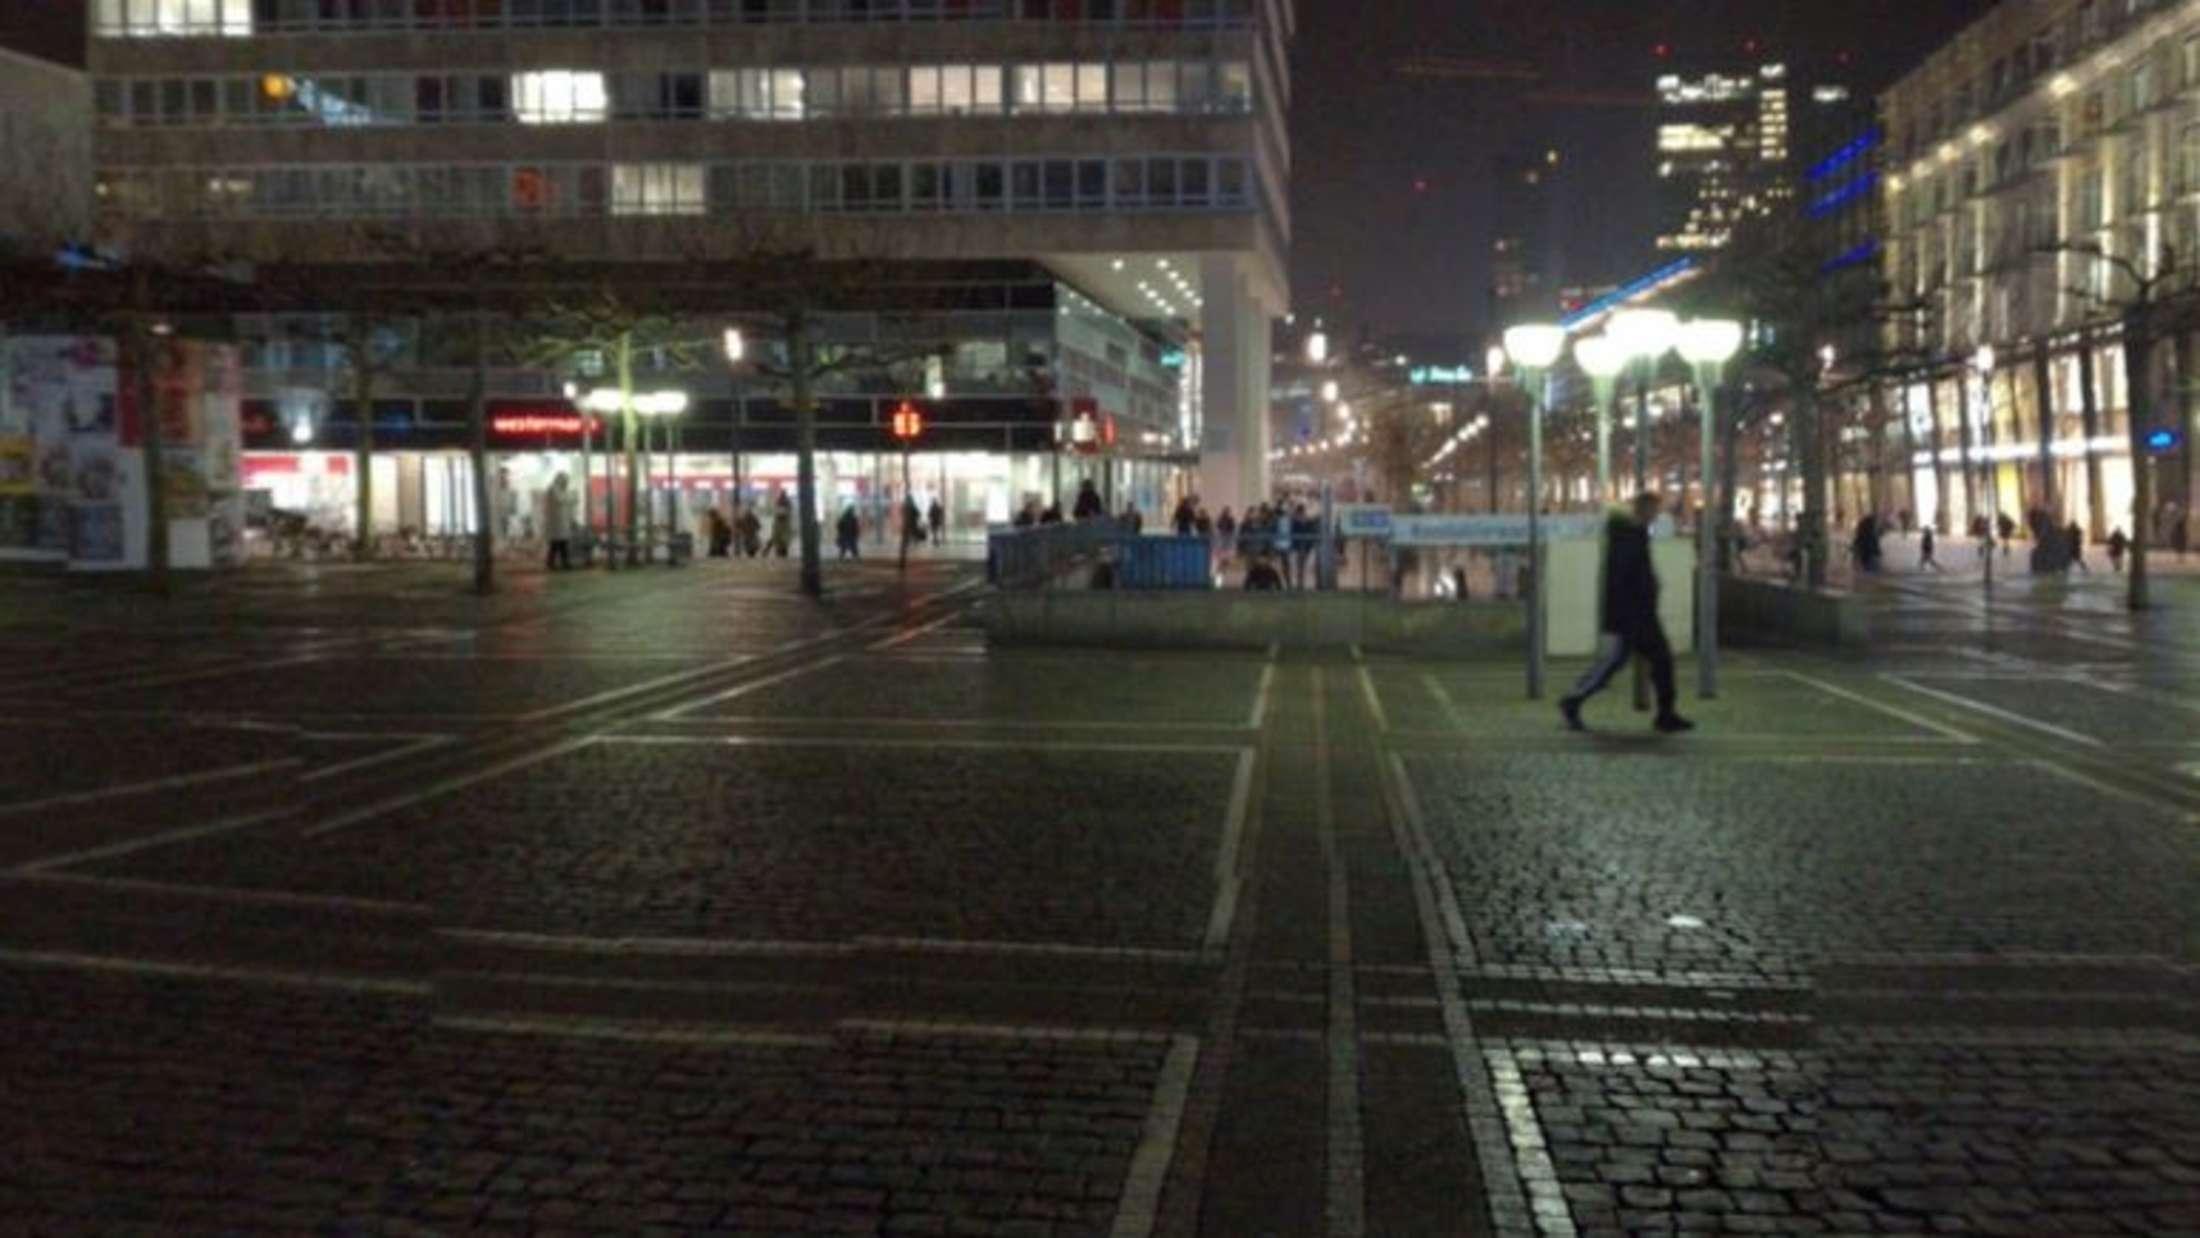 Frankfurt: Brutale Attacke! Mann wird zu Tode geprügelt